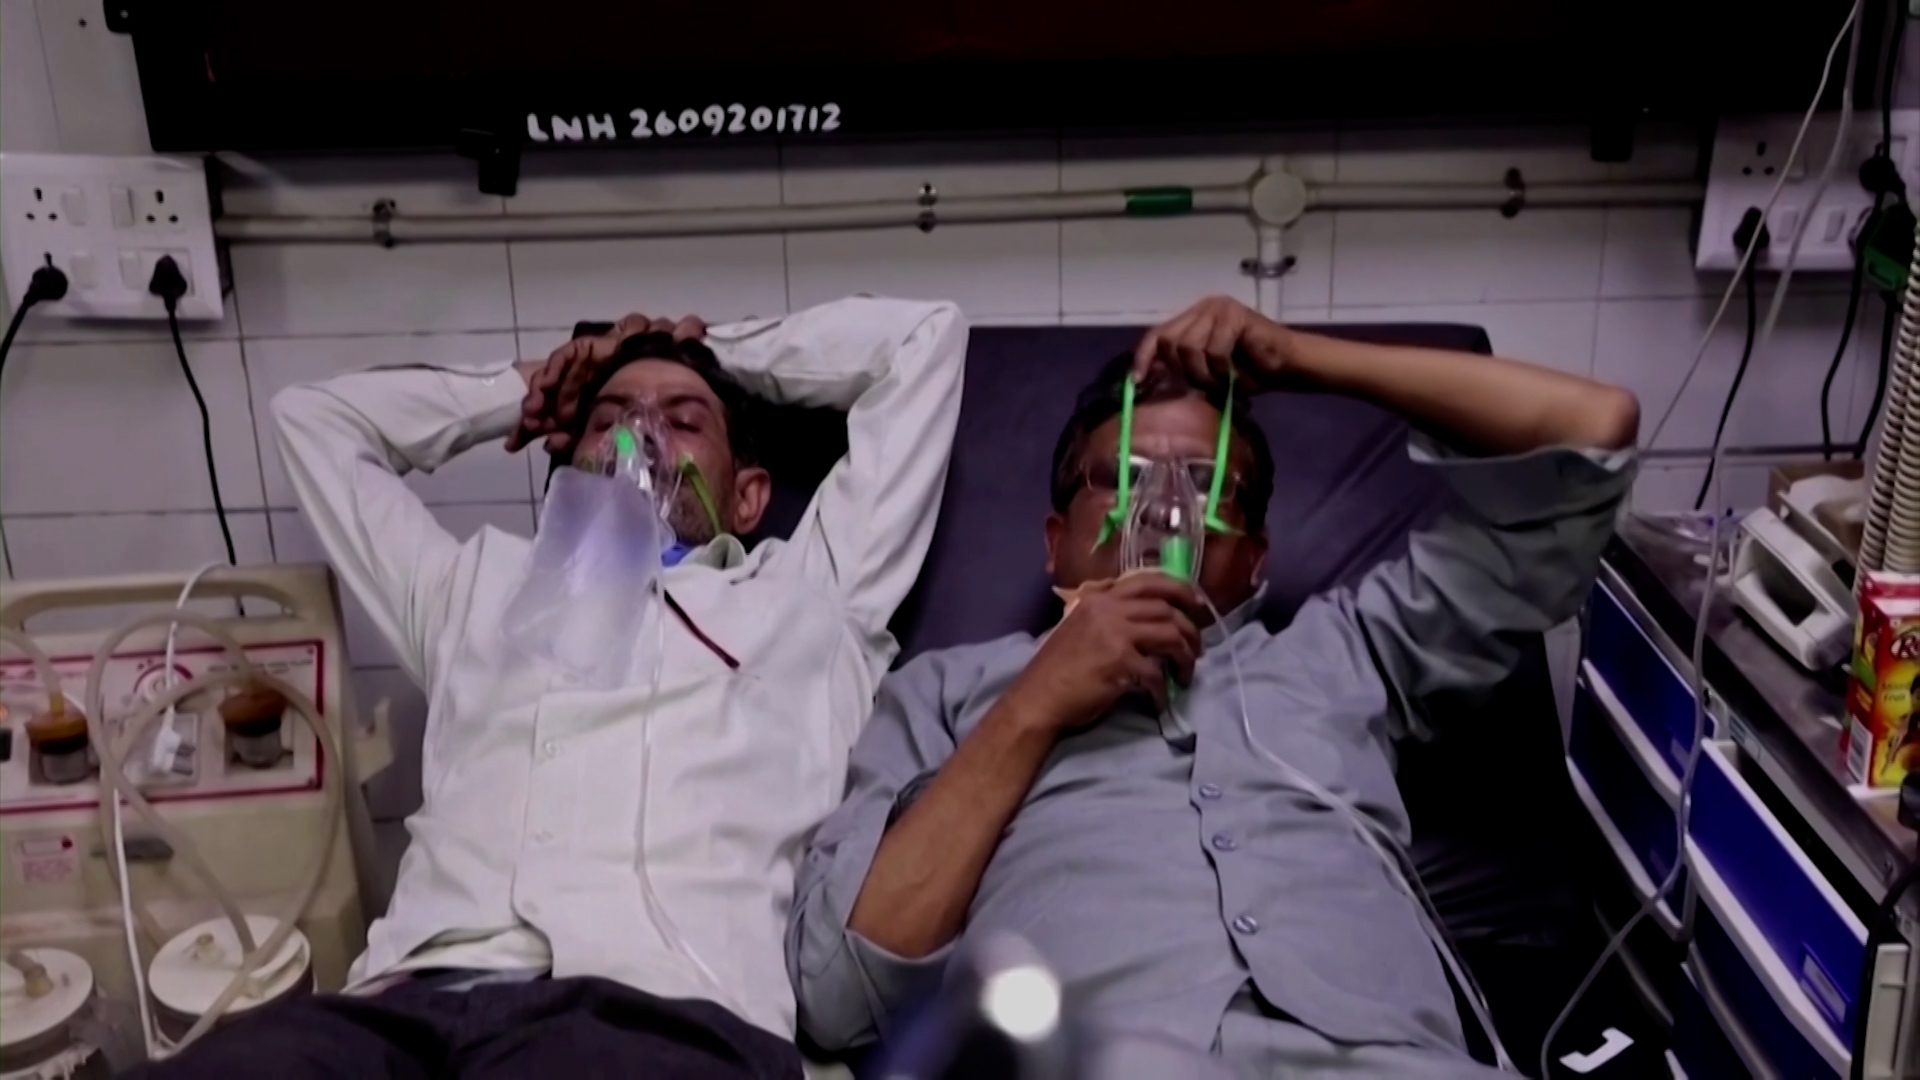 VIDÉO. Covid-19 : hôpitaux débordés, pénurie d'oxygène, variant inquiétant… L'Inde en plein cauchemar